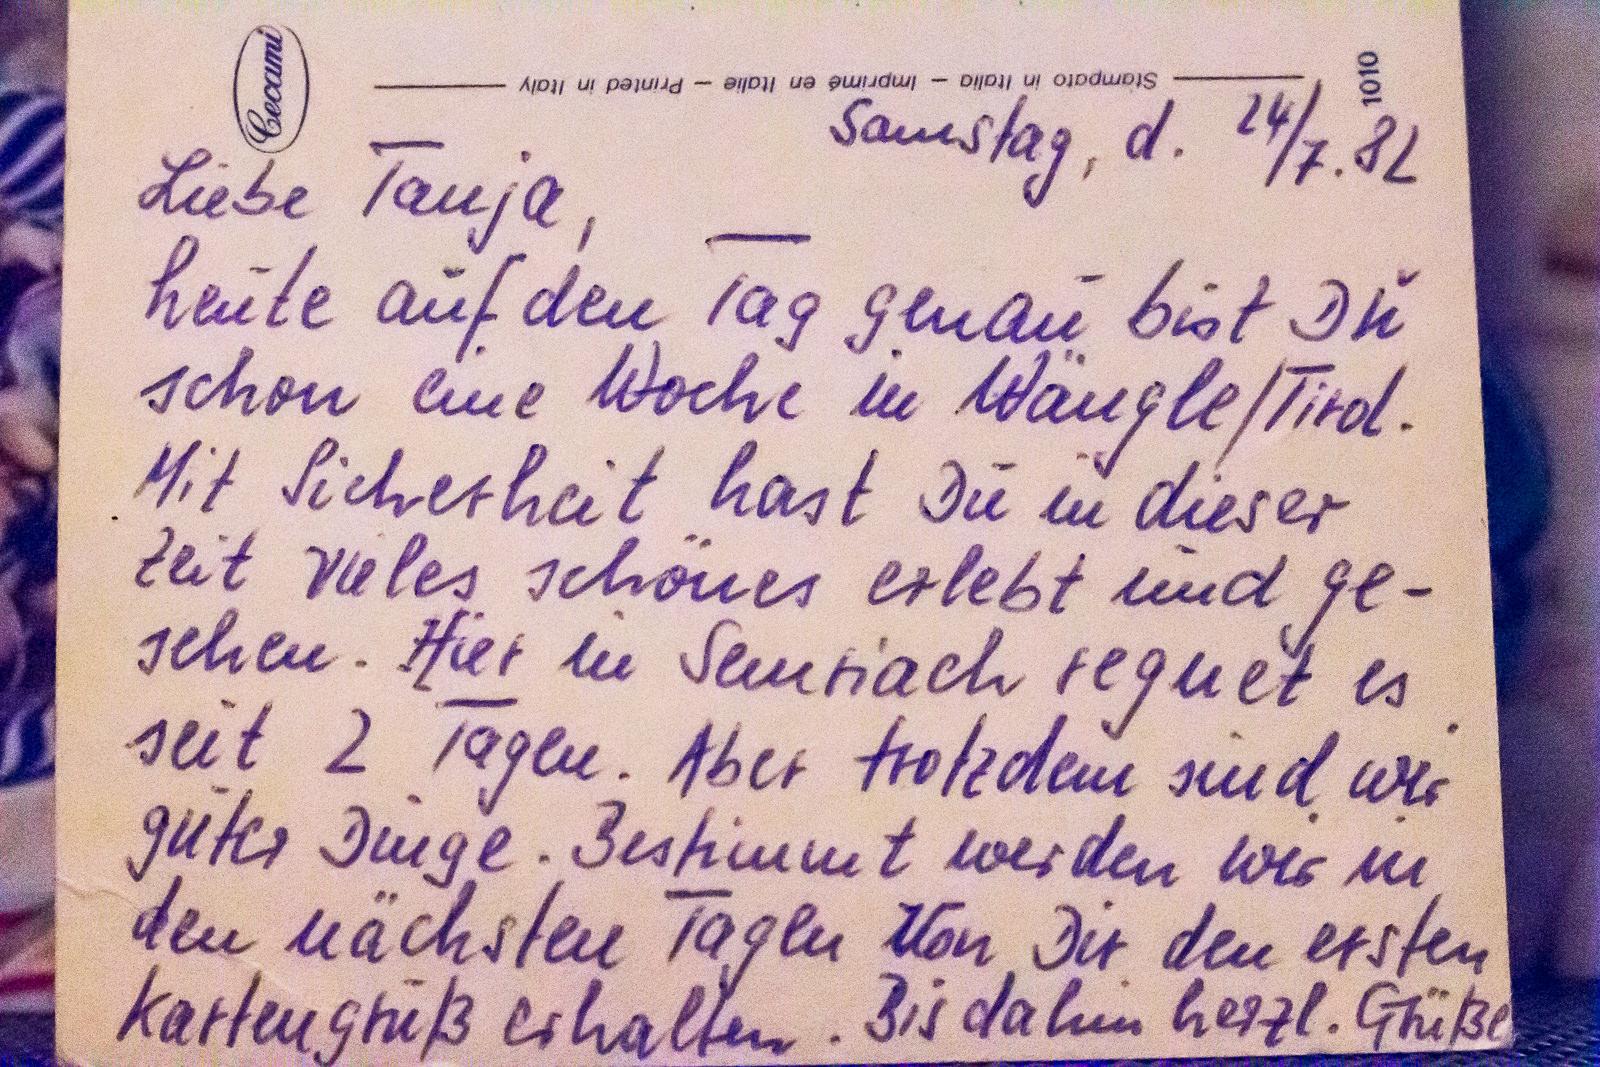 Liebesbriefe schreiben lassen hilfe zur selbsthilfe soziale arbeit